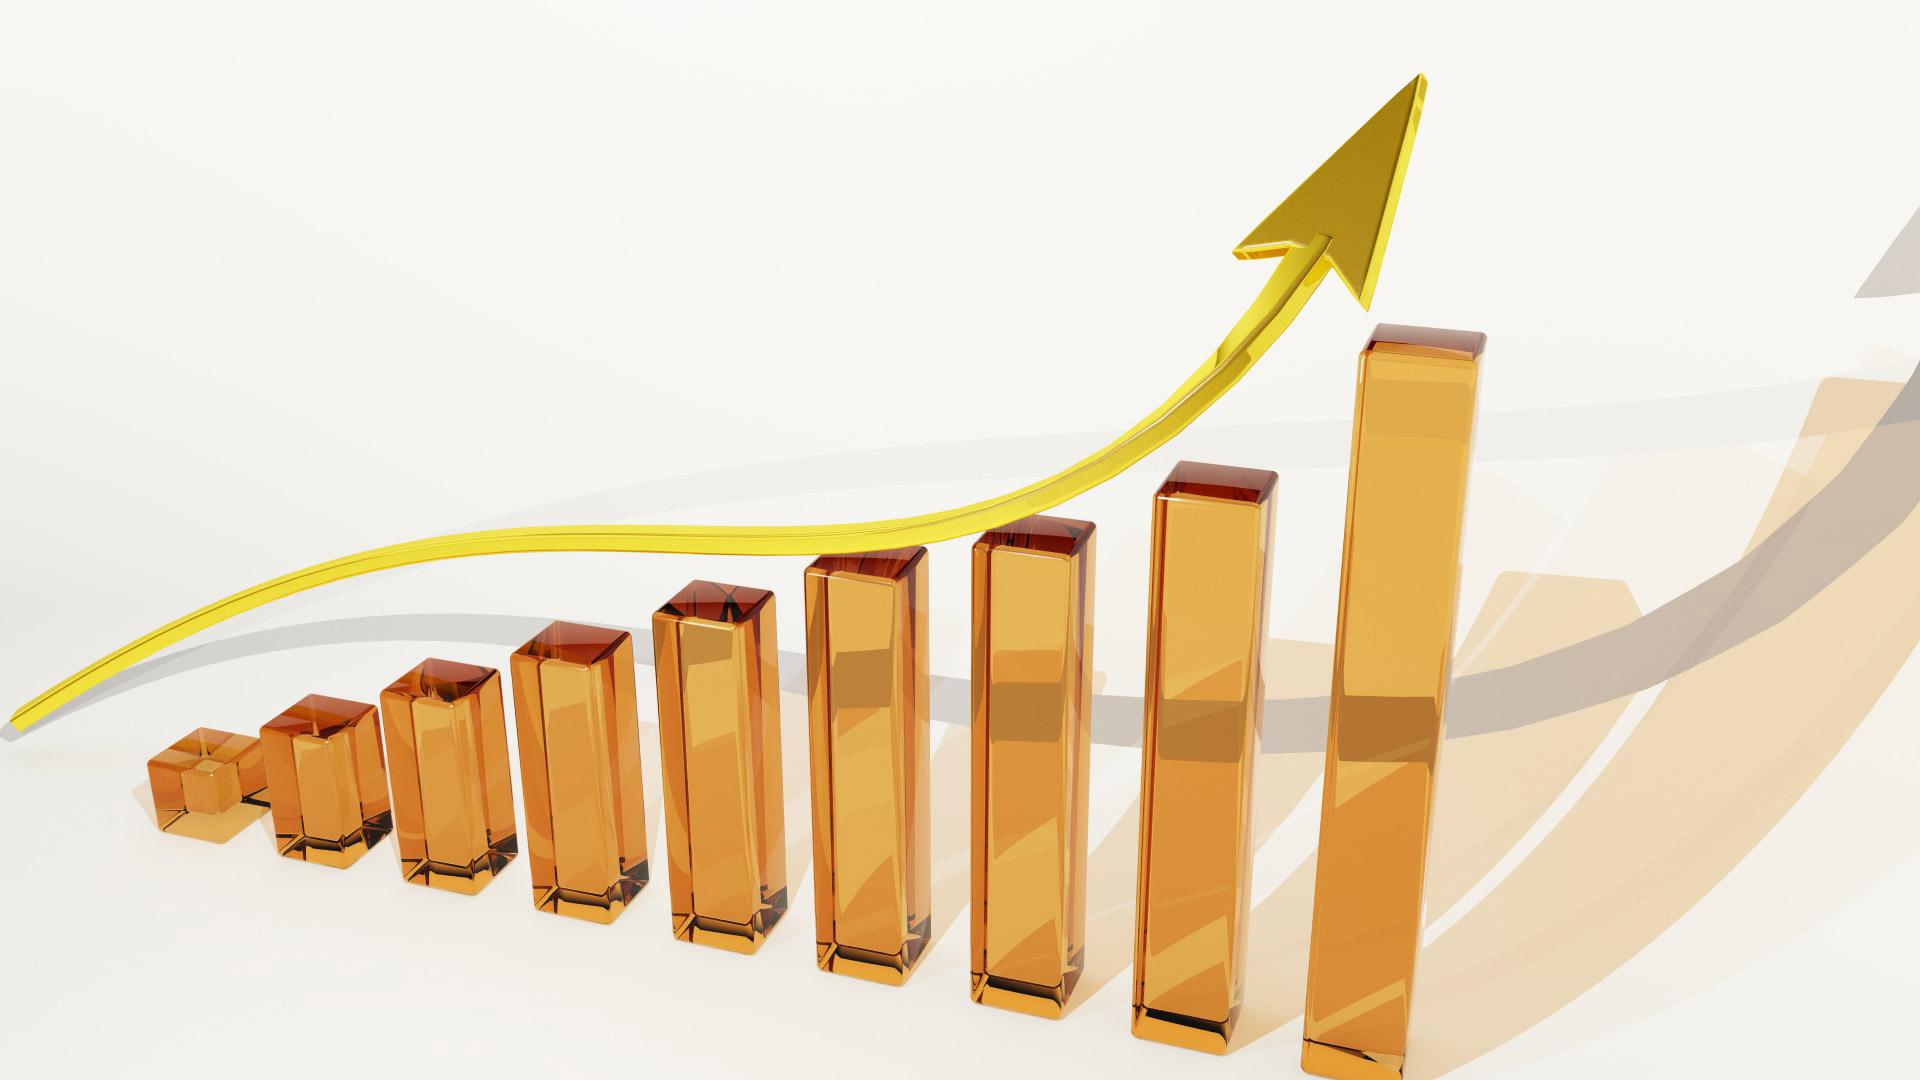 המשכיות עסקית תחת מגבלות הקורונה, והמשך צמיחה על ידי השקעות בדיגיטל – כך נראתה 2020 בחברות הביטוח הגדולות